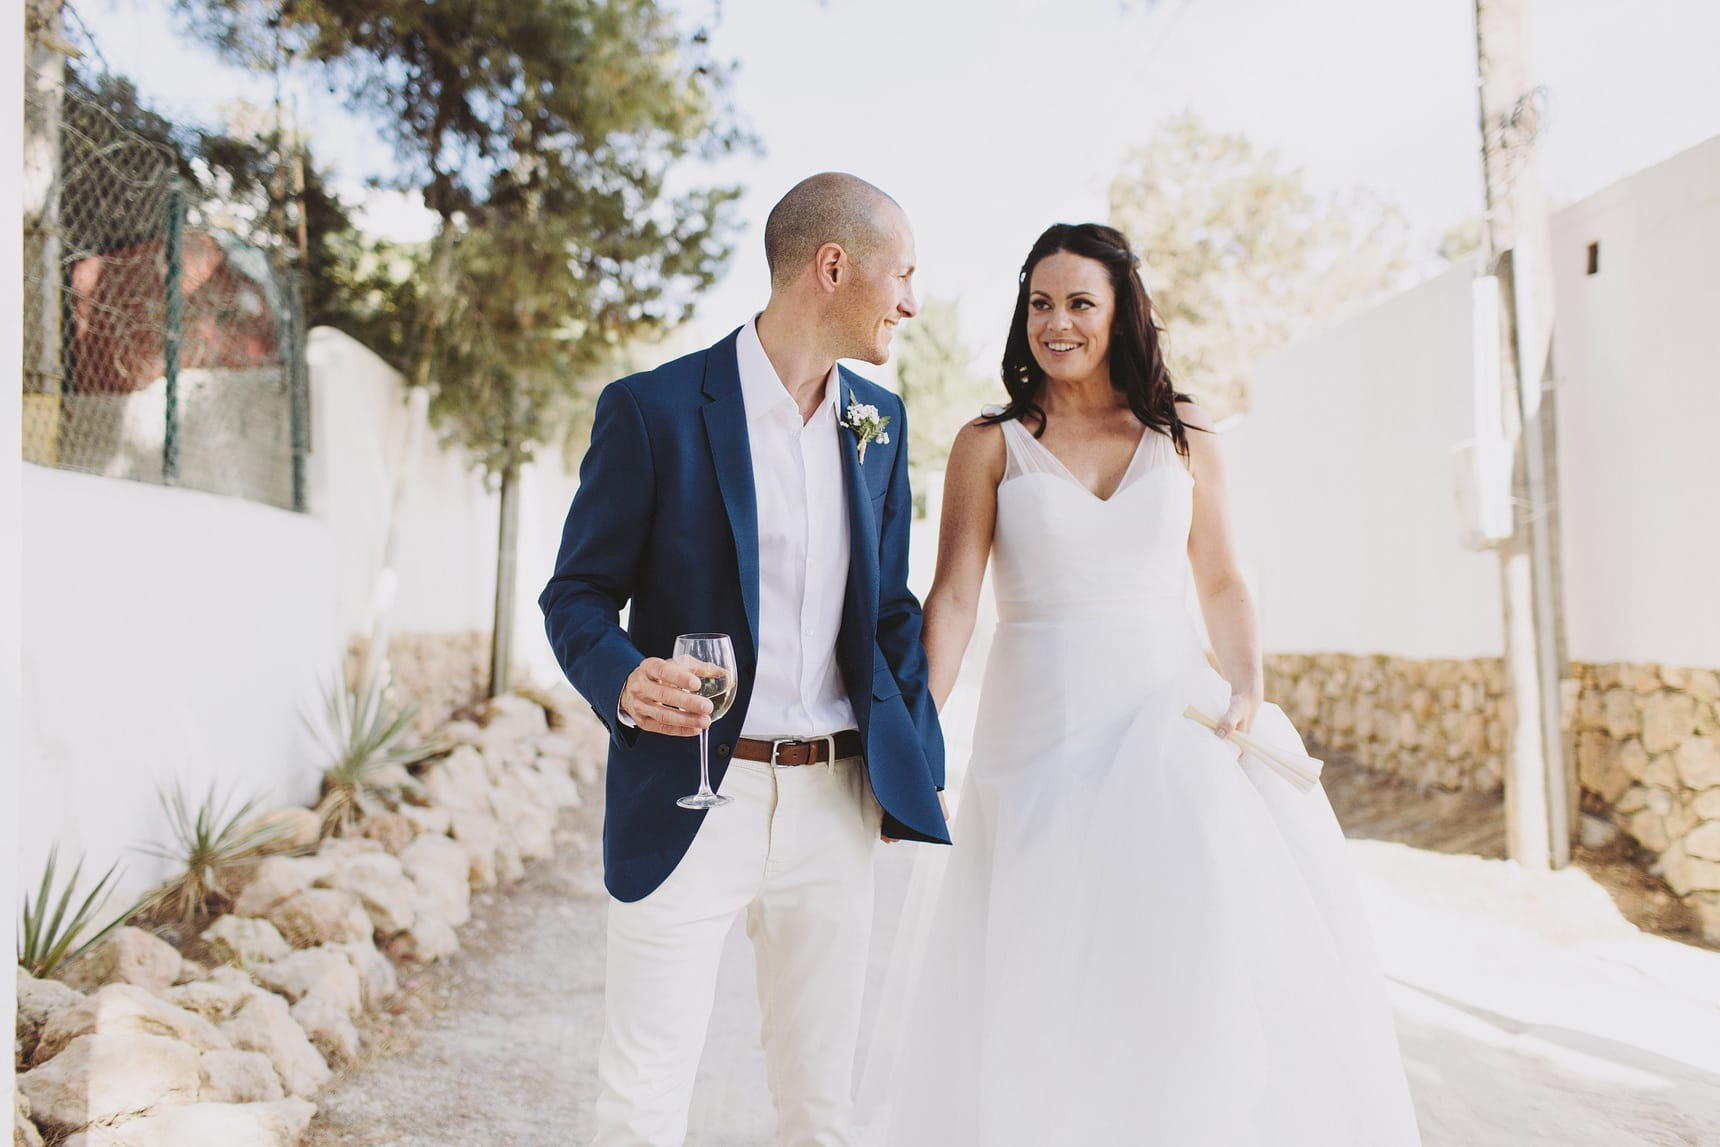 el chiringuito wedding